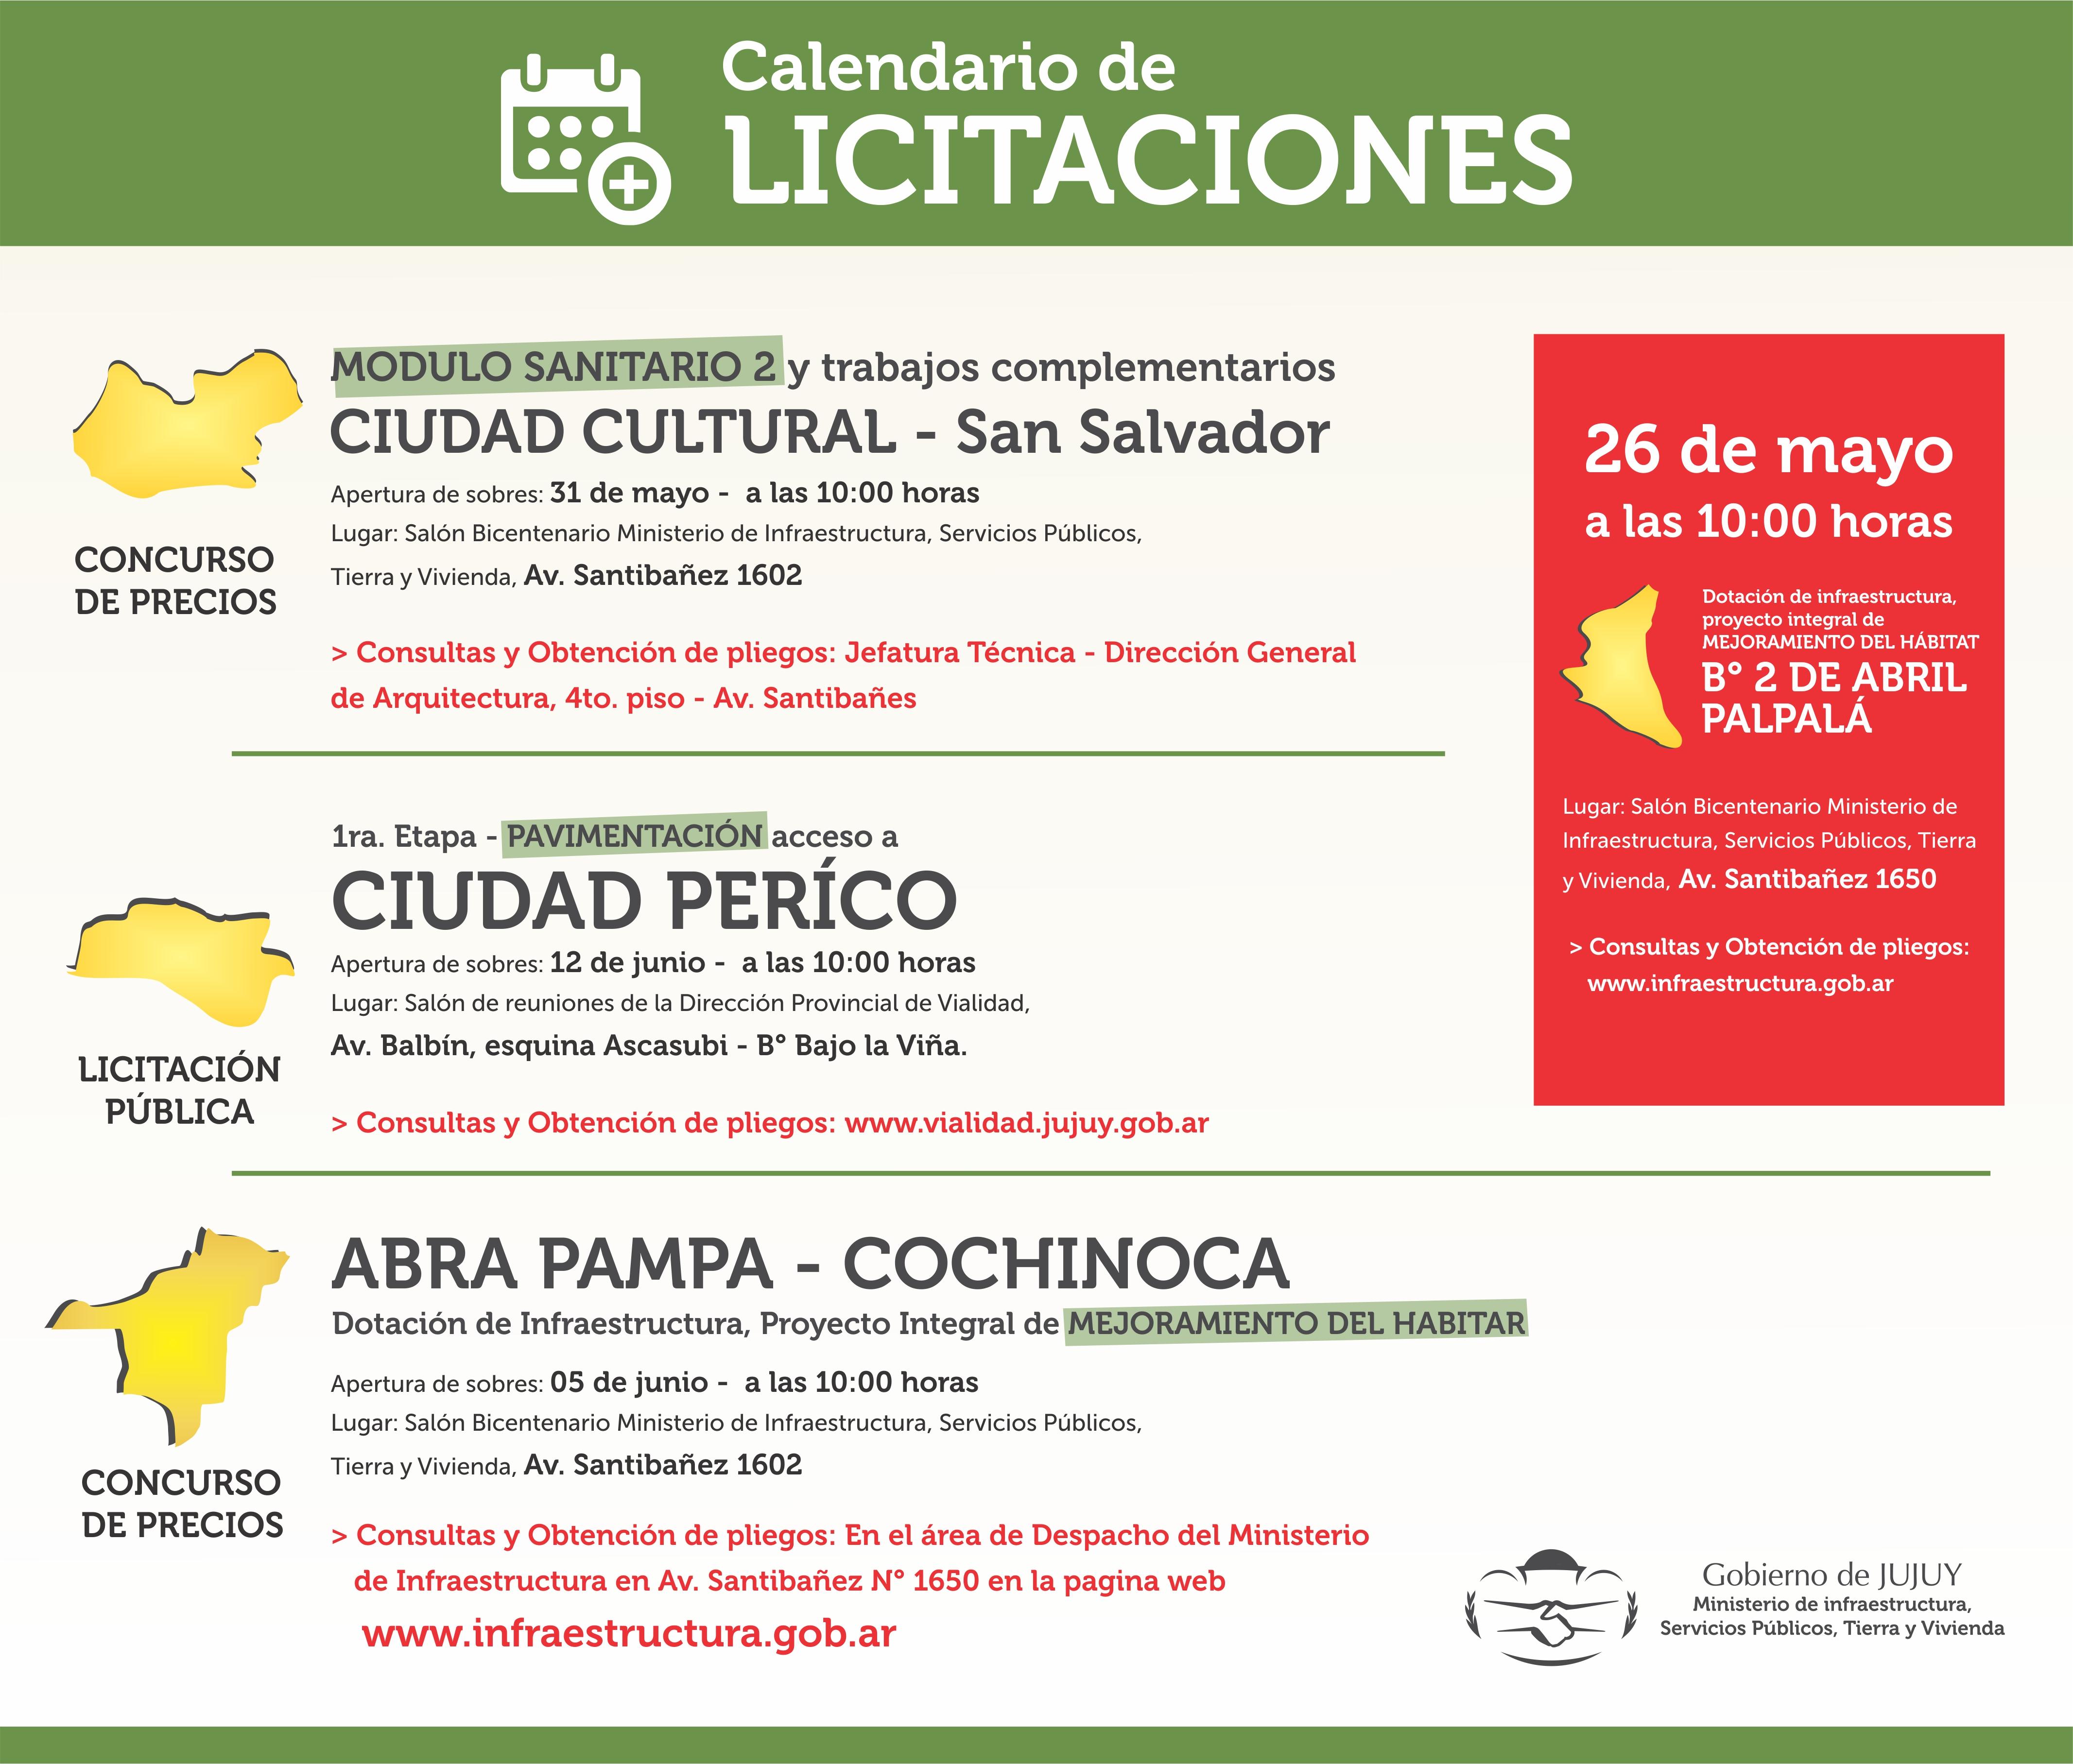 CALENDARIO DE LICITACIONES